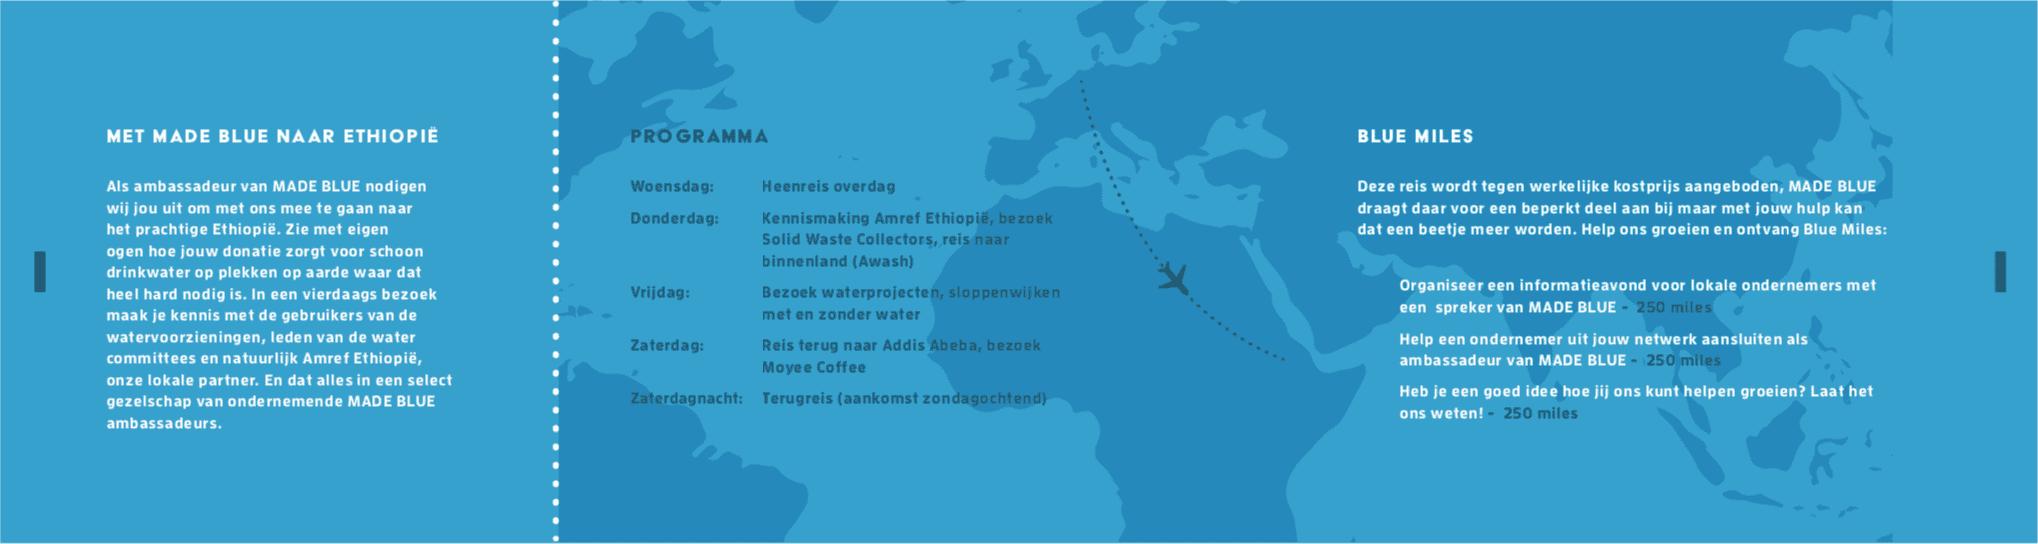 Ticket back - MADE BLUE goes Africa - made blue gaat op reis naar Ethiopië